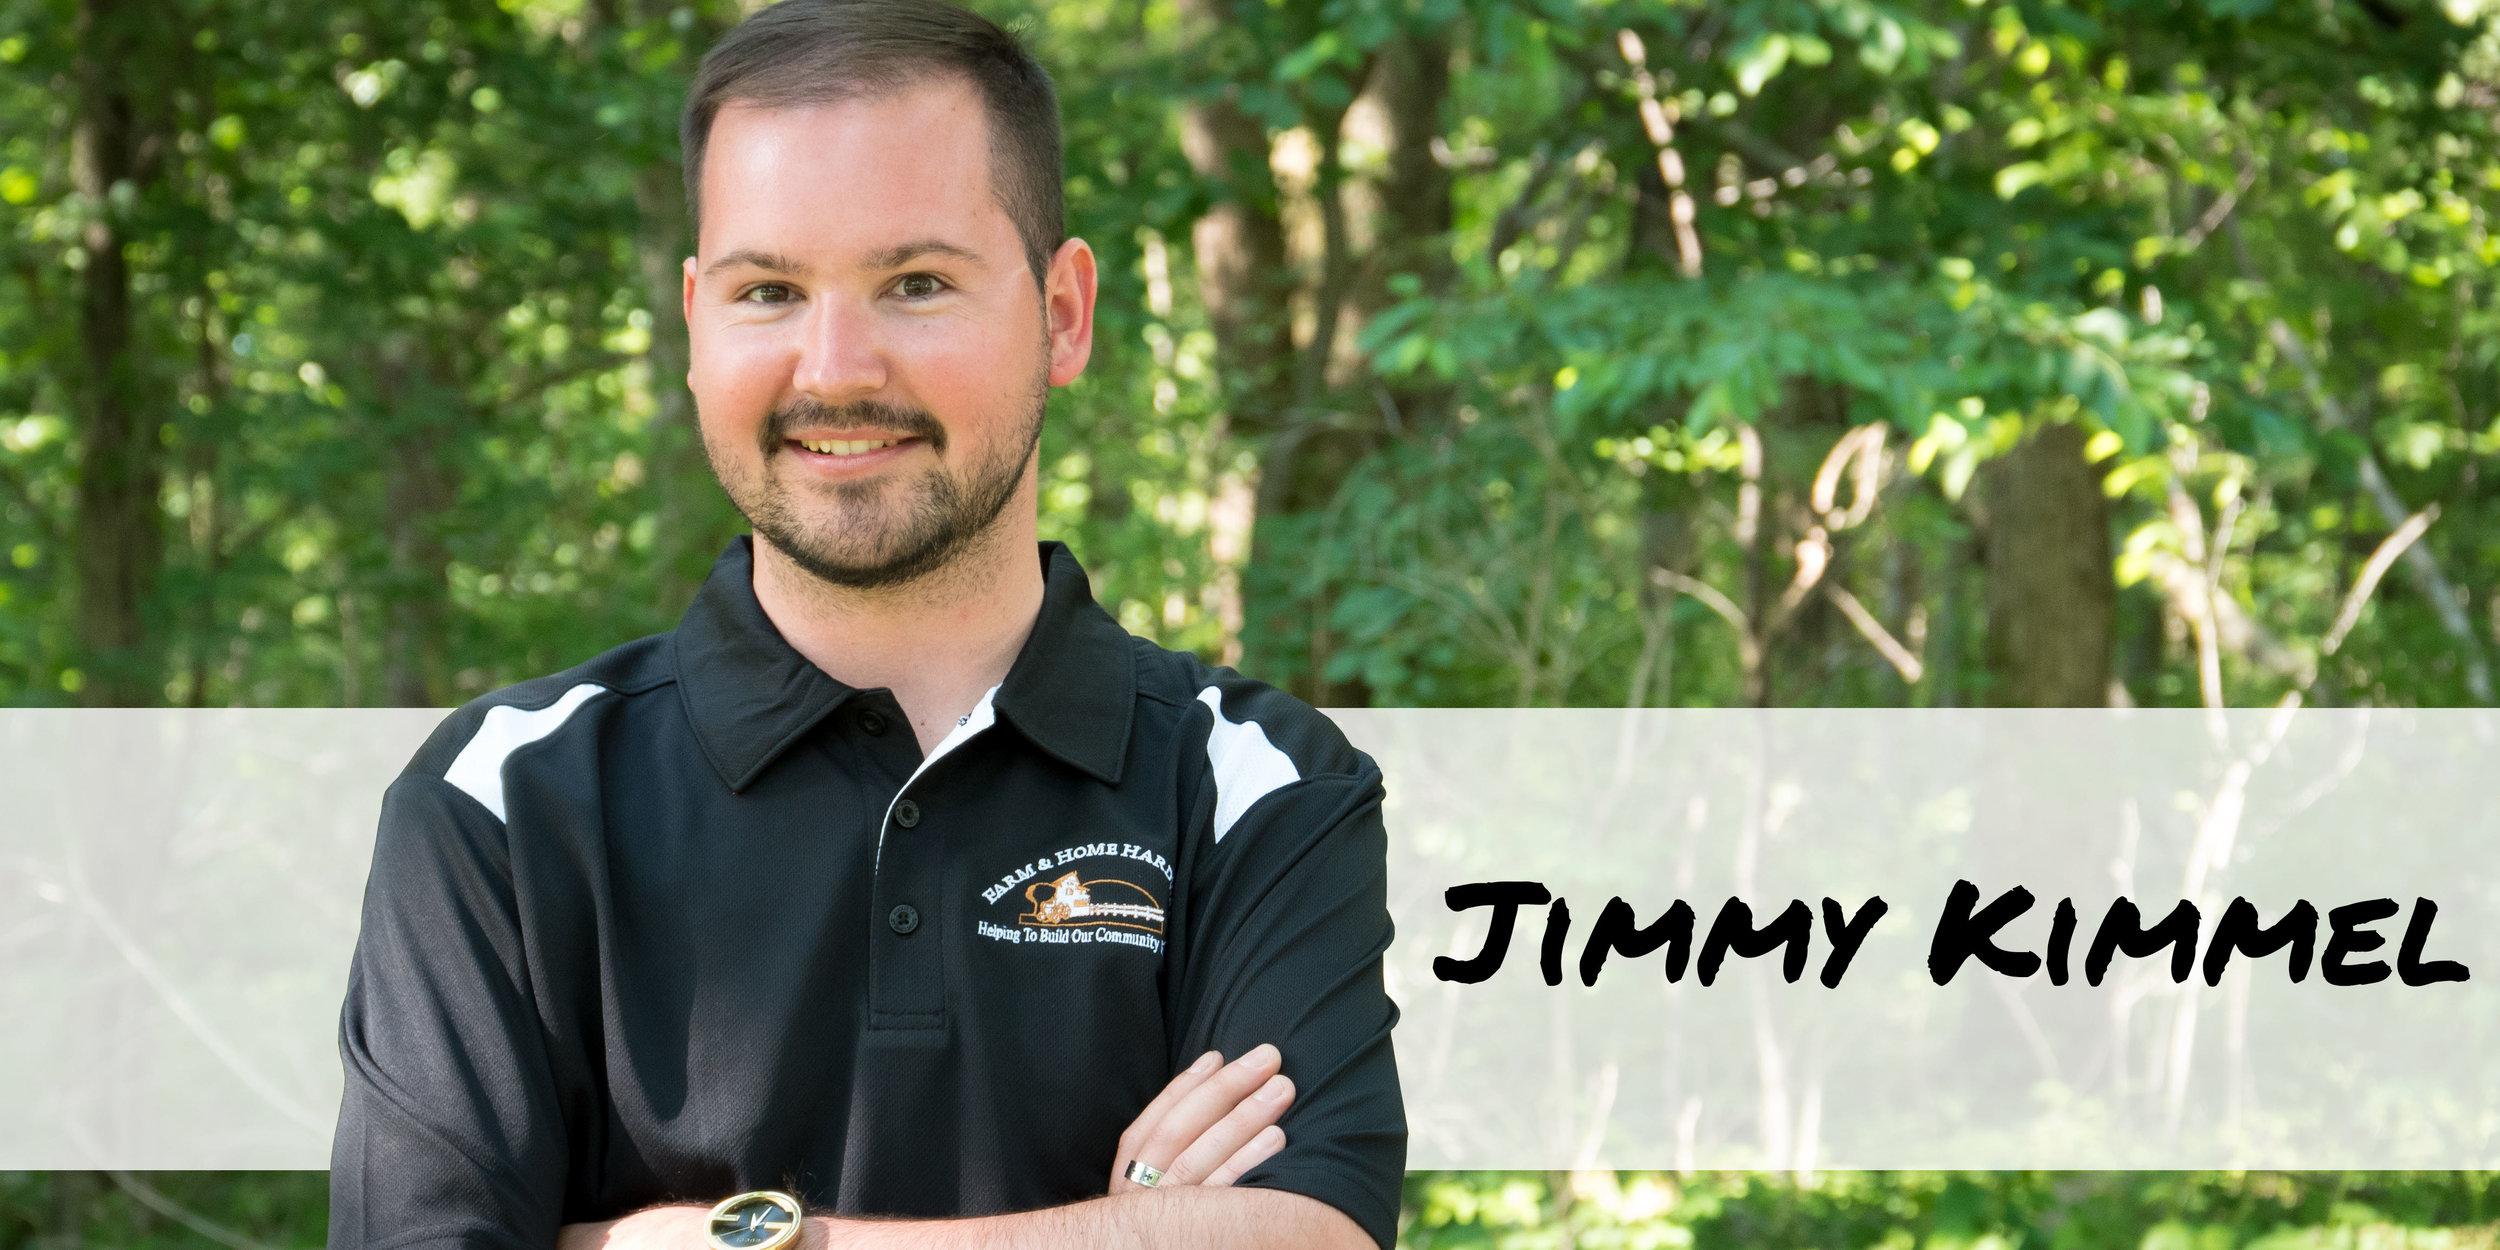 Sporting Goods team member Jimmy Kimmel of Farm & Home Hardware.